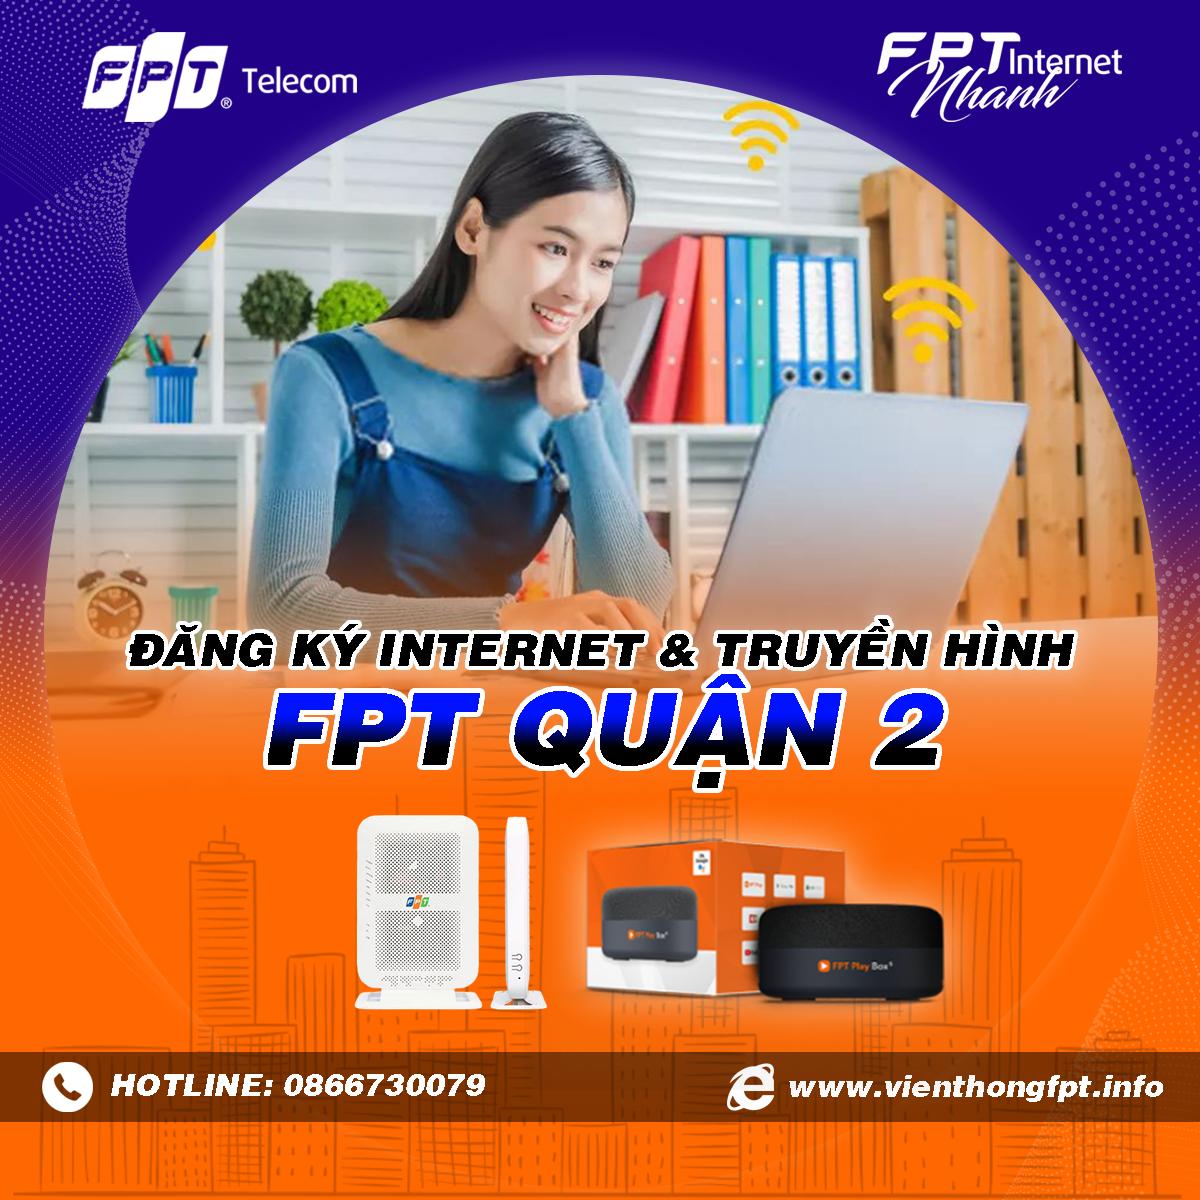 Chi nhánh FPT Quận 2 - Tổng đài lắp mạng Internet và Truyền hình FPT